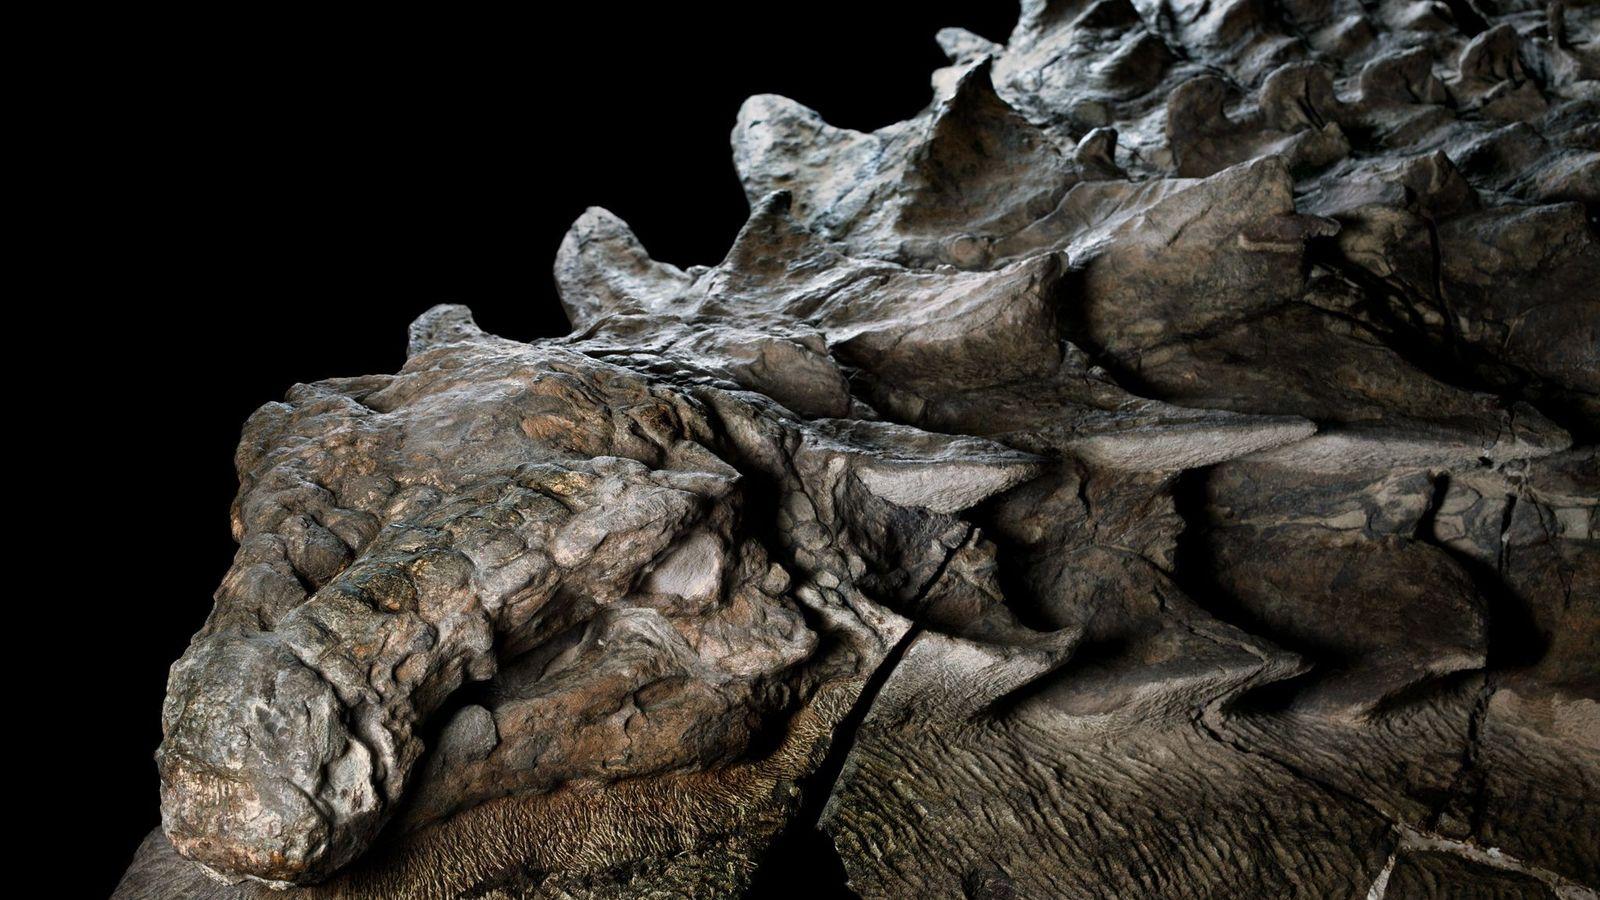 Il y a environ 110 millions d'années, cet herbivore cuirassé s'est frayé un chemin jusqu'à ce ...